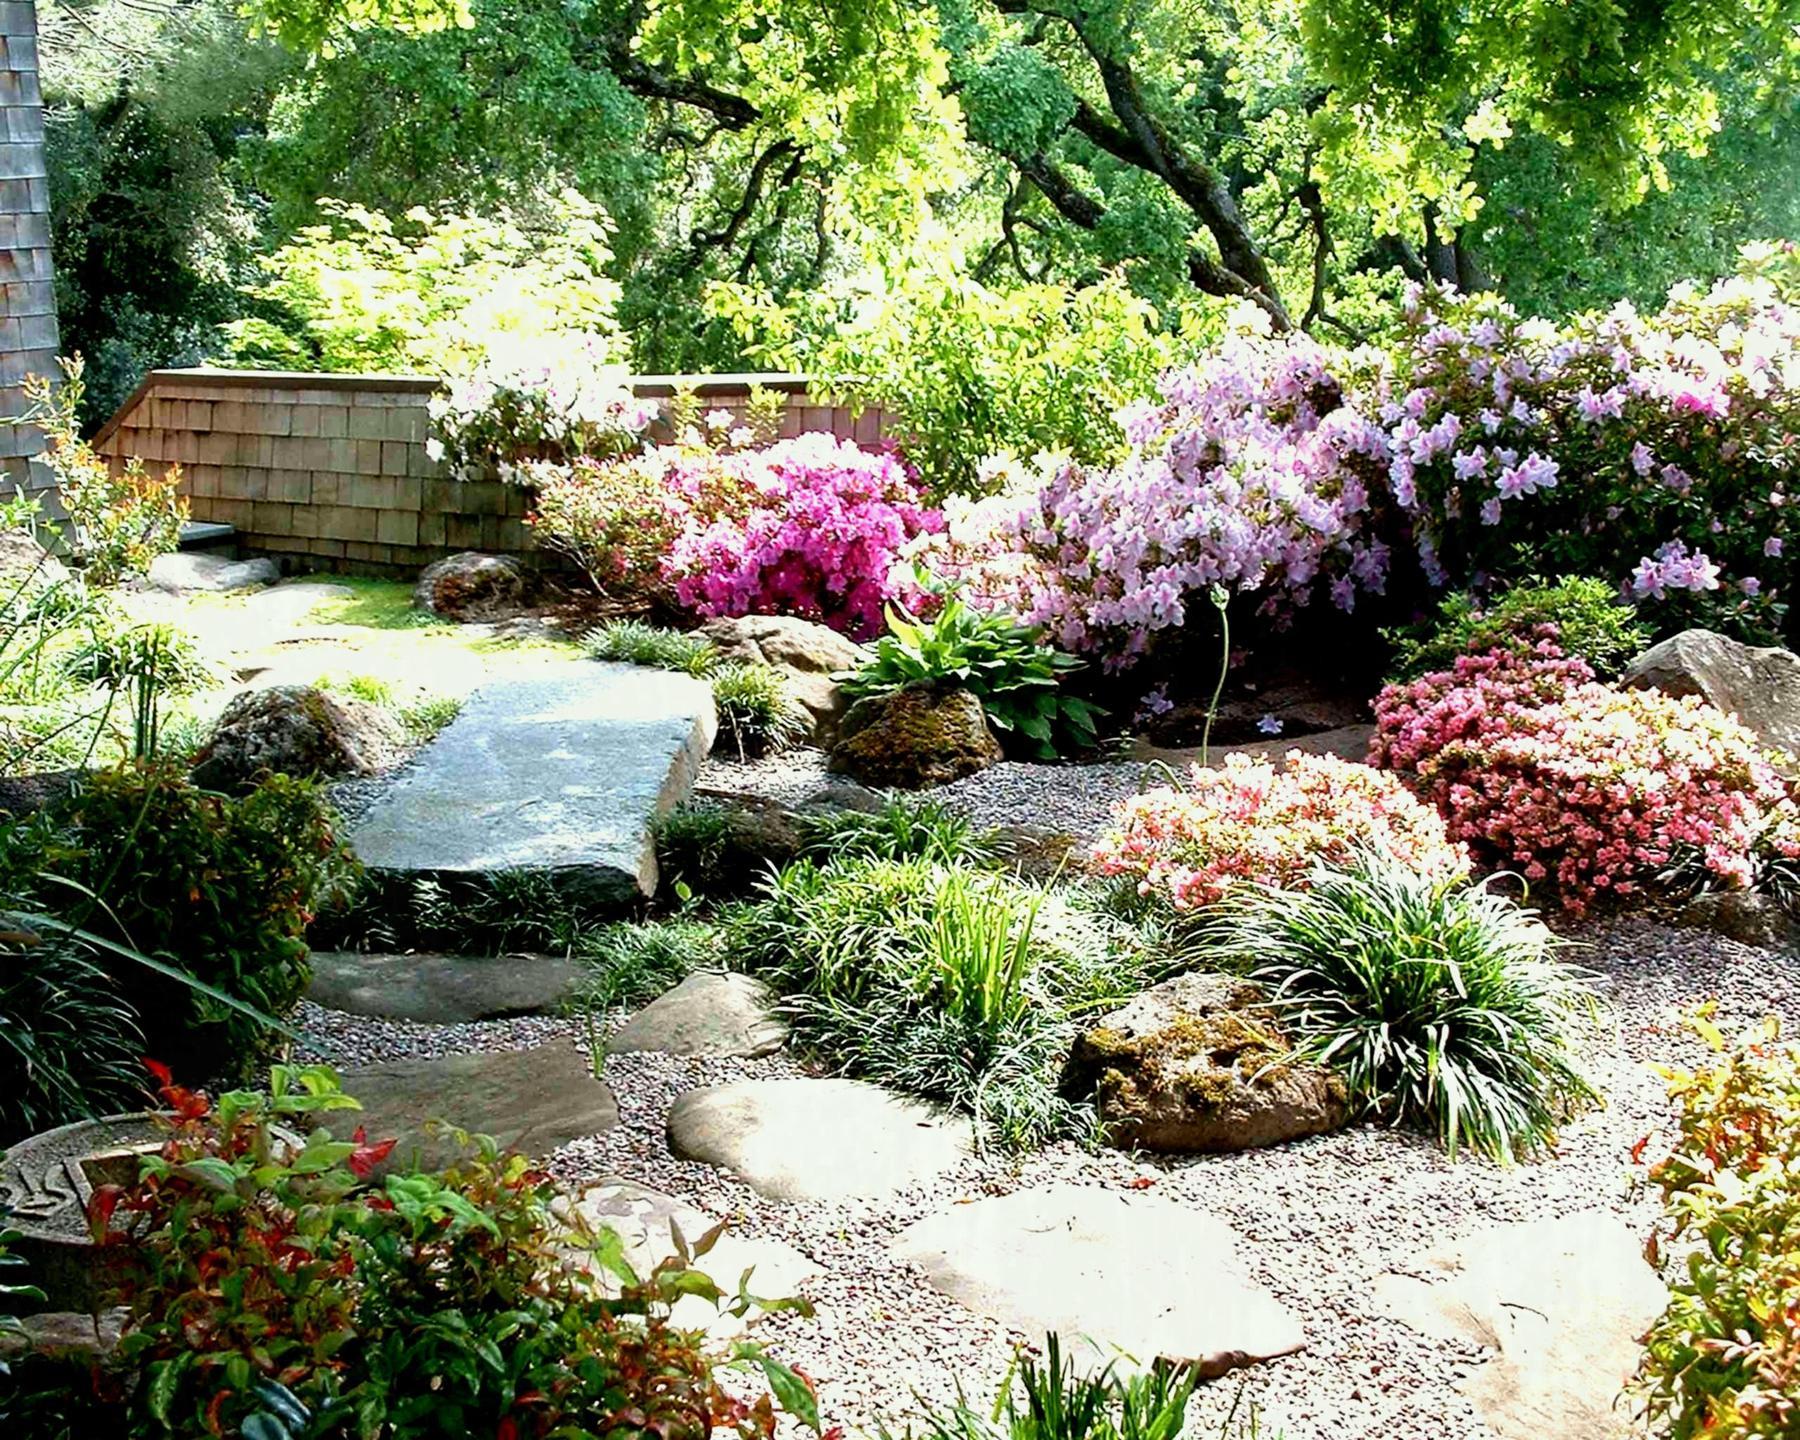 альпинарий в саду фото признаки онкологией